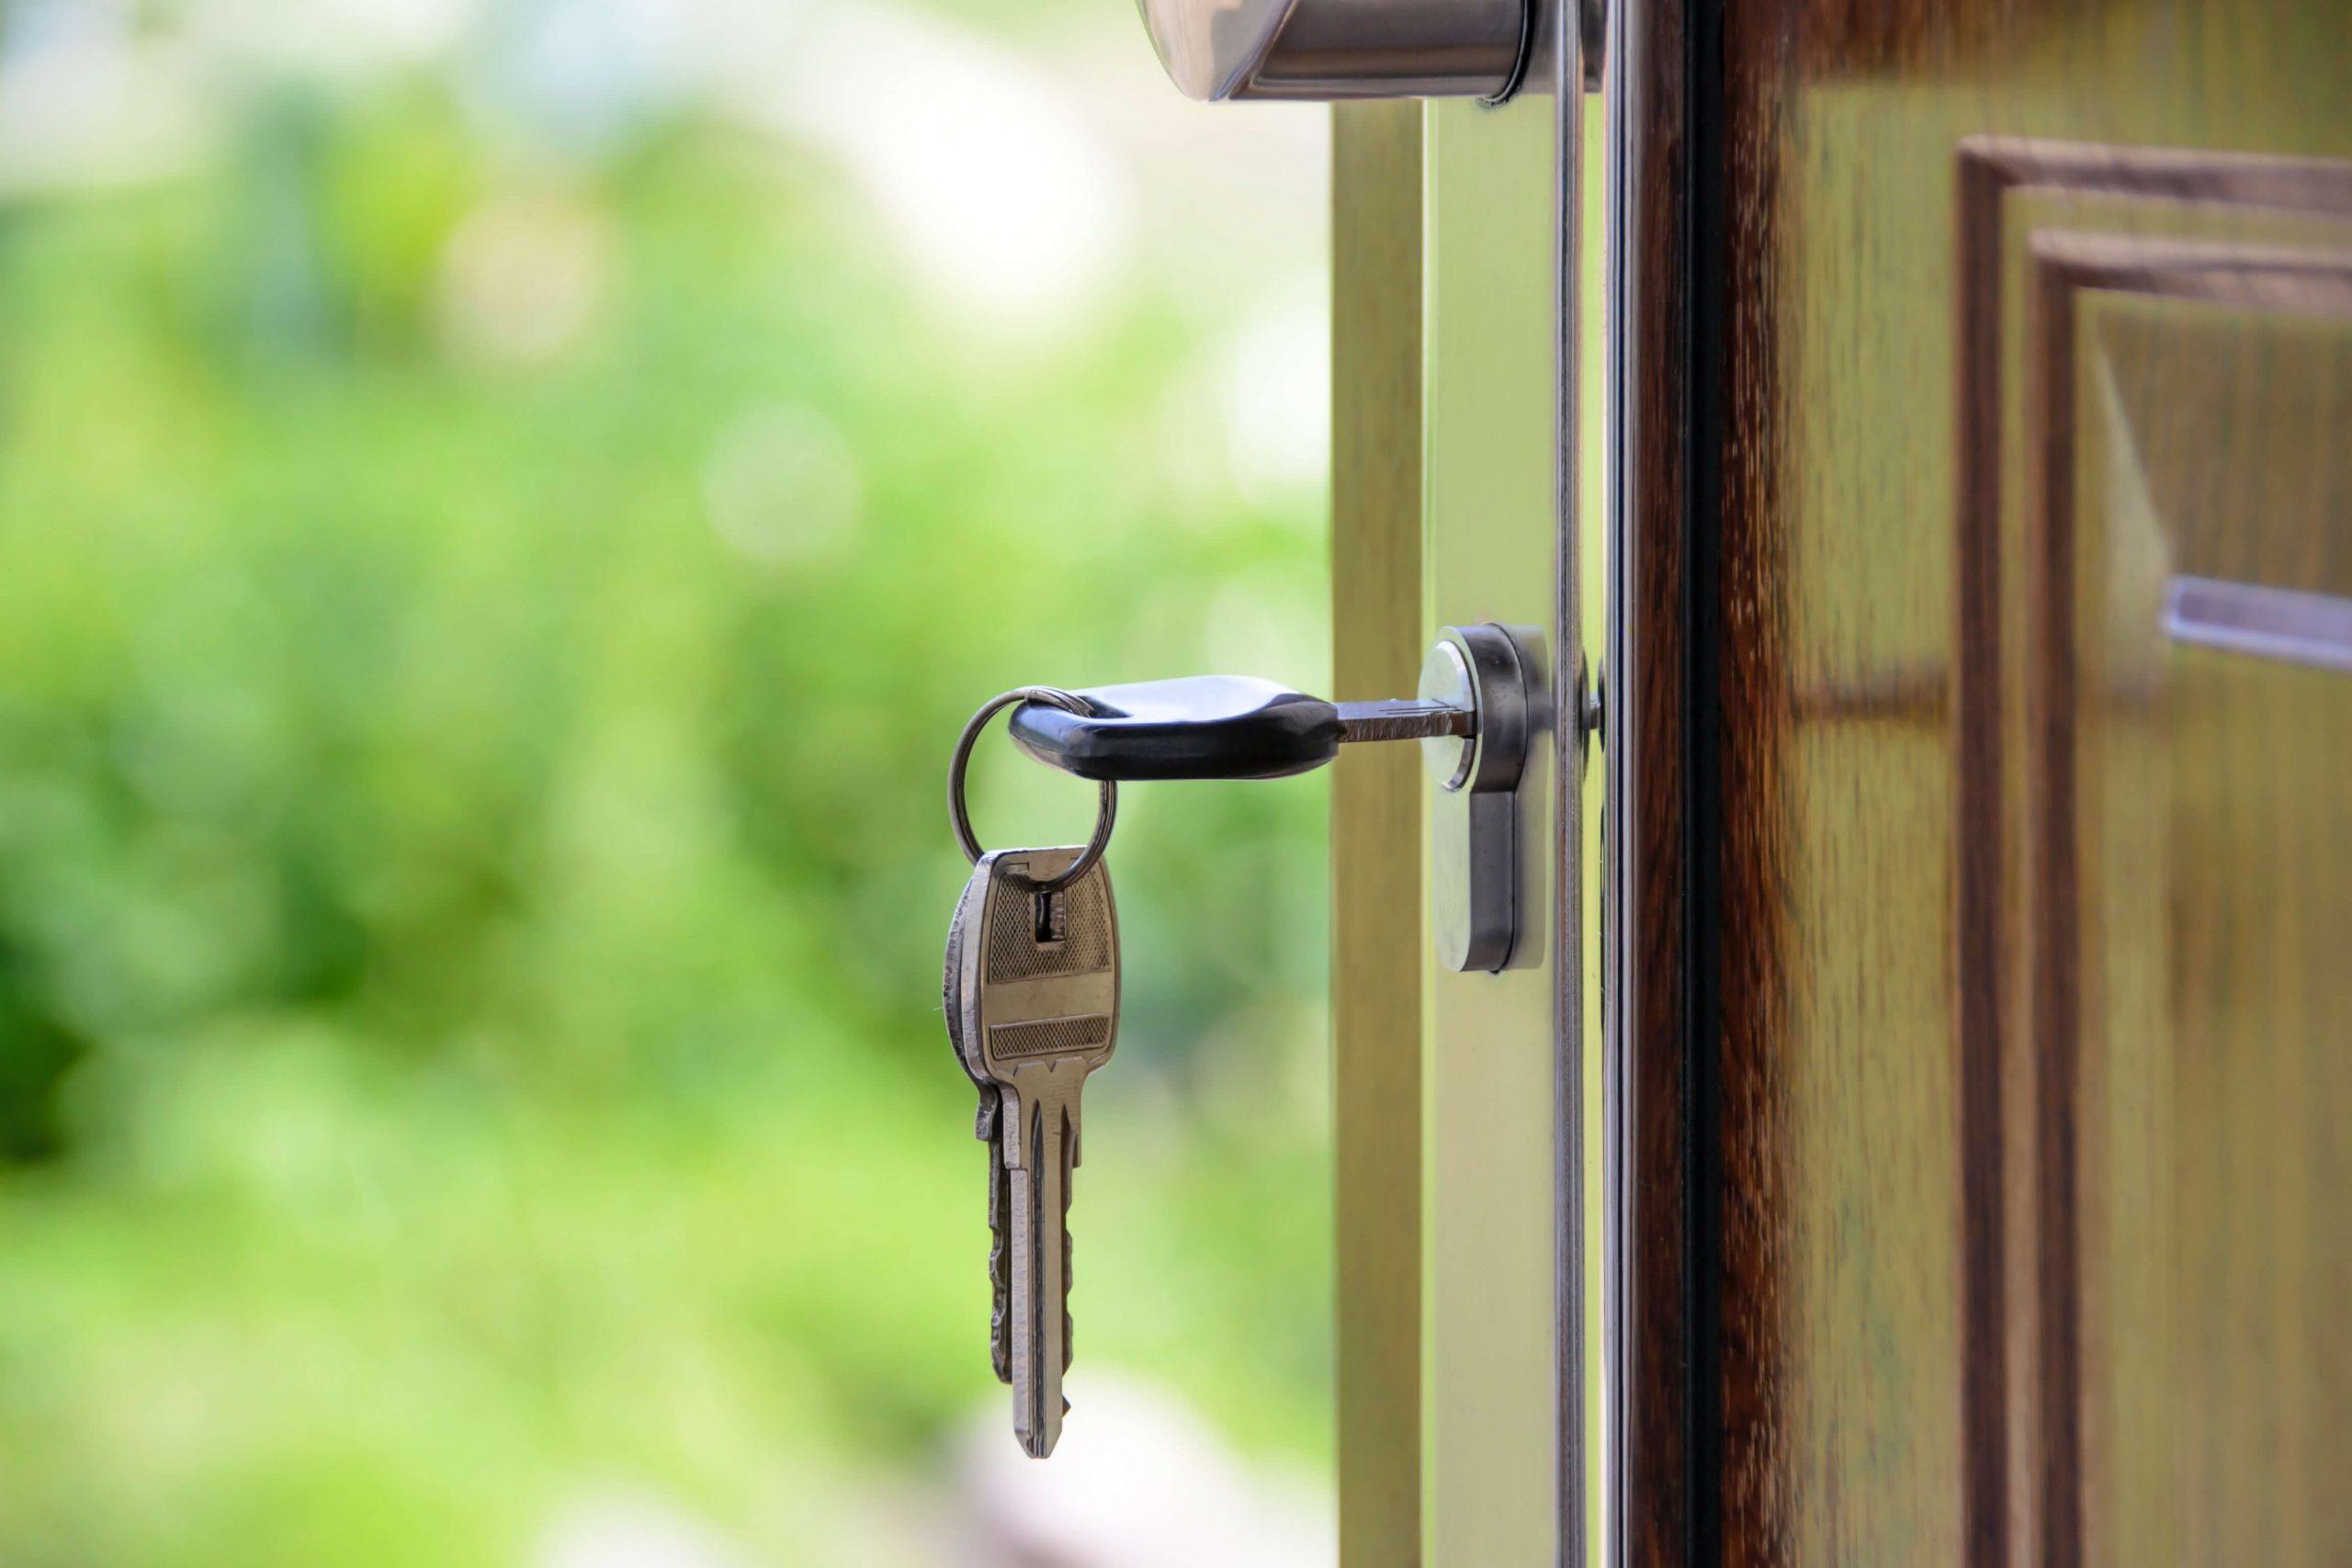 Close up of keys in door